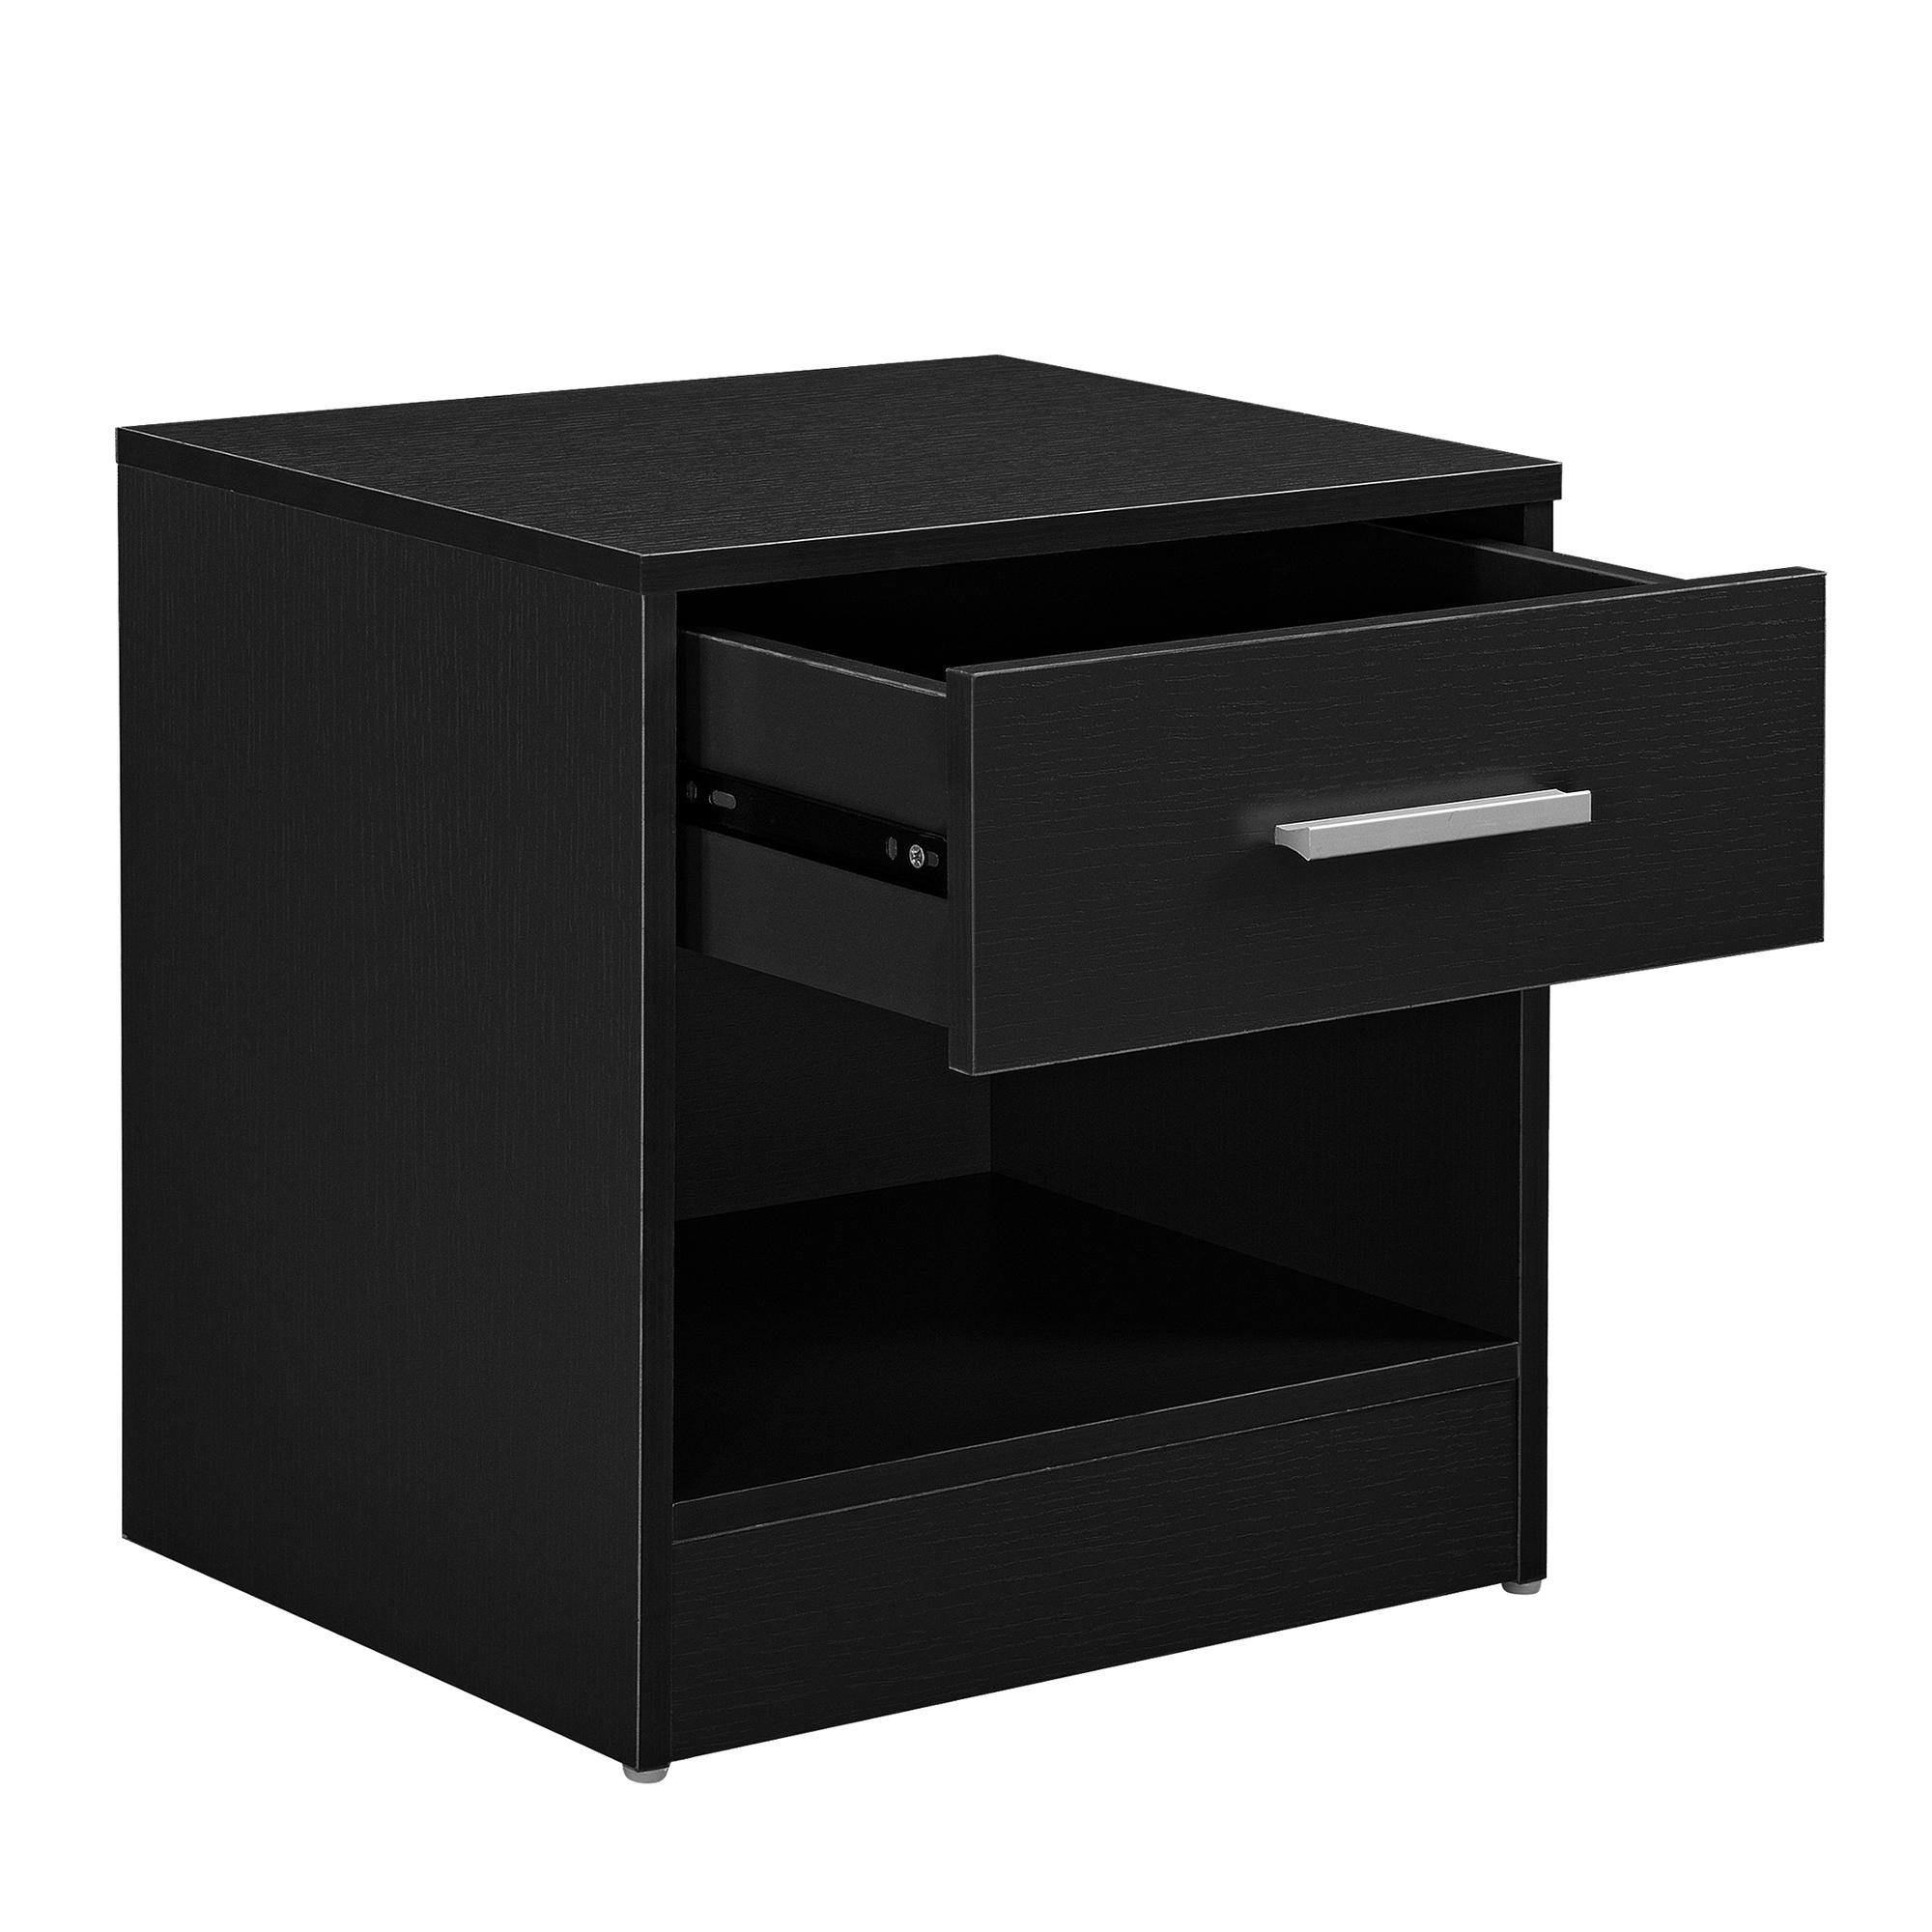 nachttisch mit schublade schwarz nachtkommode beistelltisch ablage ebay. Black Bedroom Furniture Sets. Home Design Ideas